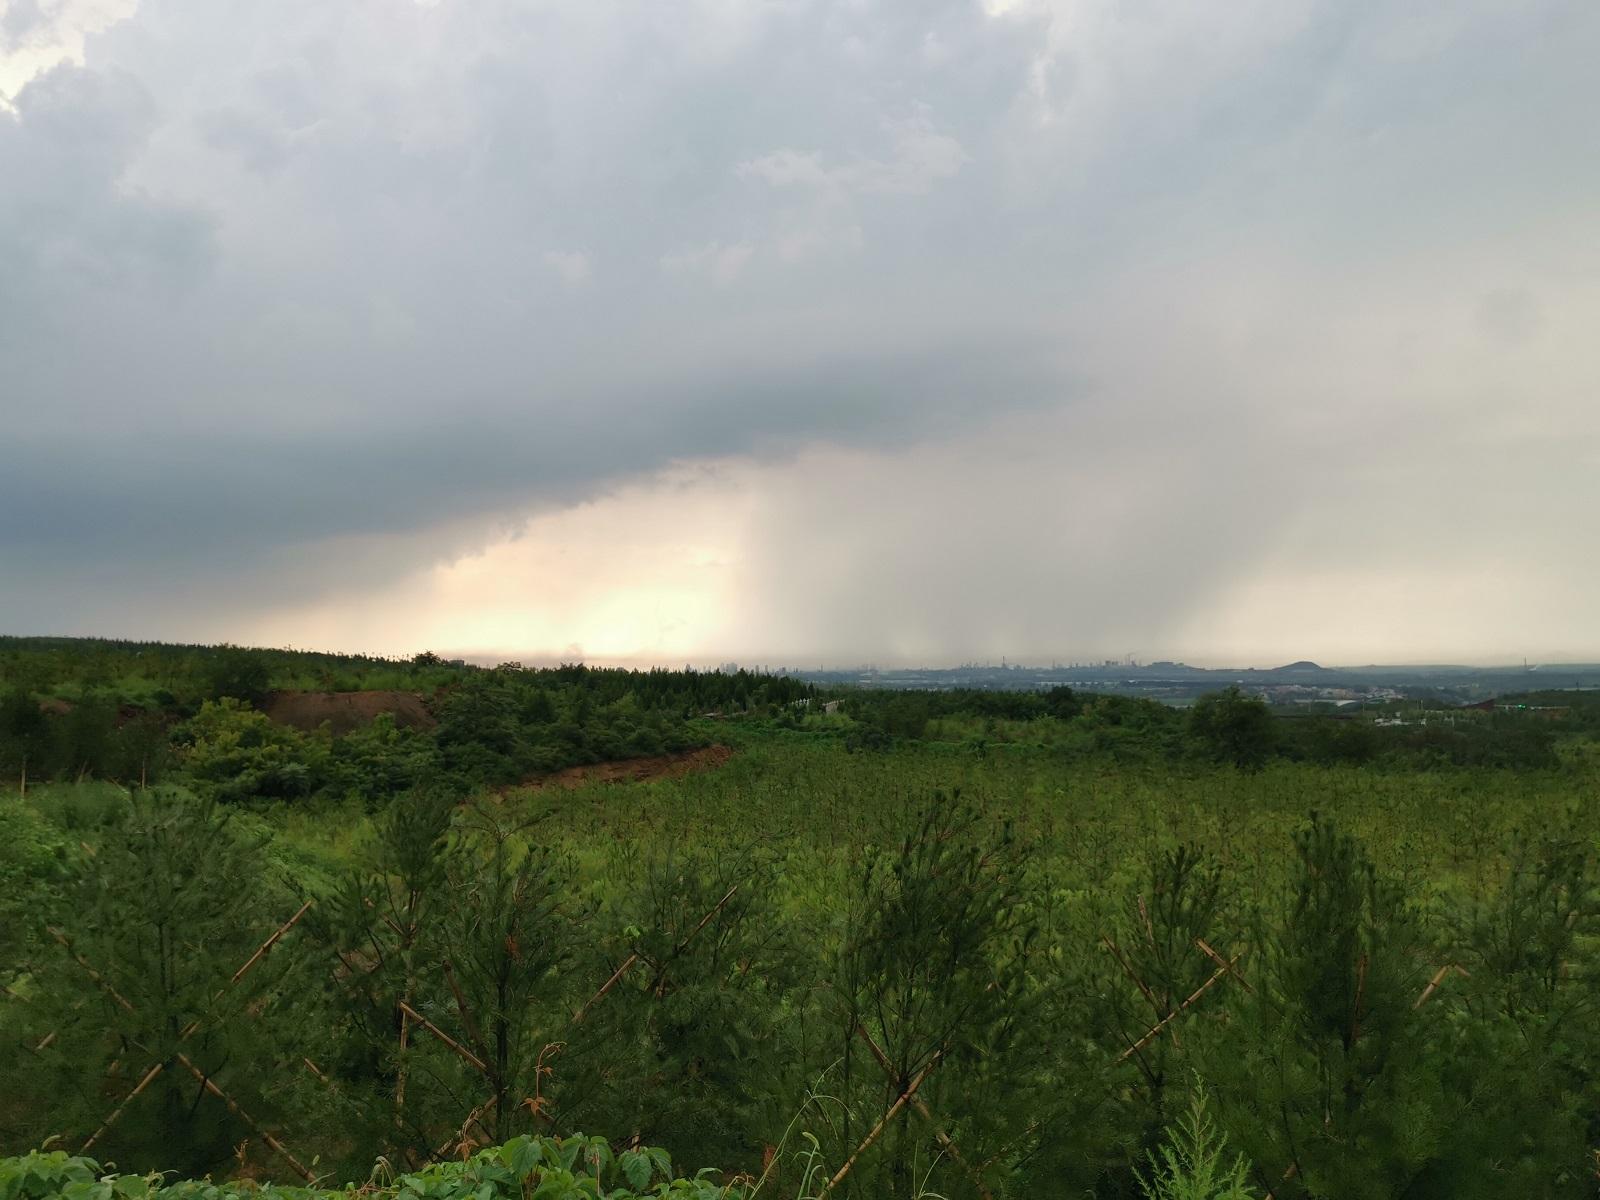 雨中登九龙山